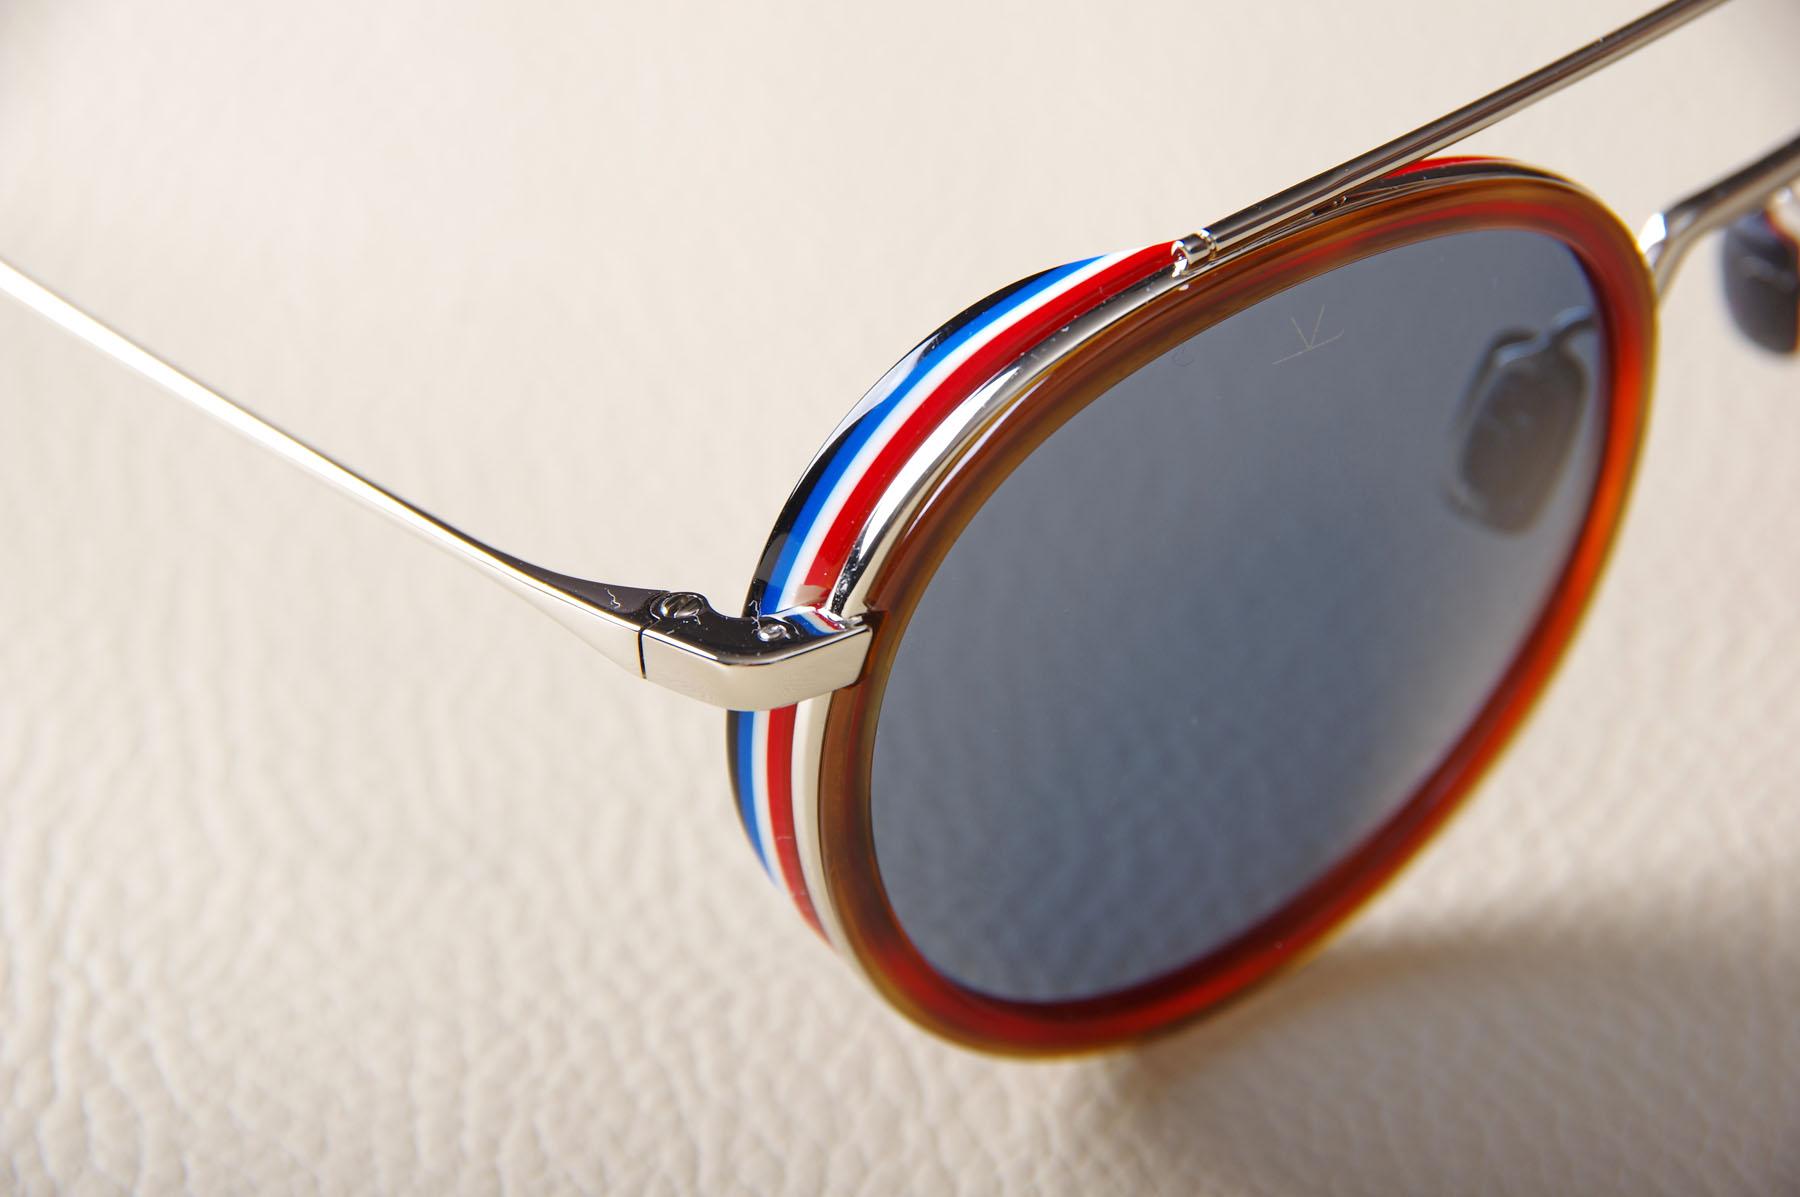 Lunettes VUARNET à l achat, Le Havre, 76 Acheter les lunettes de ... d27de1d7c488